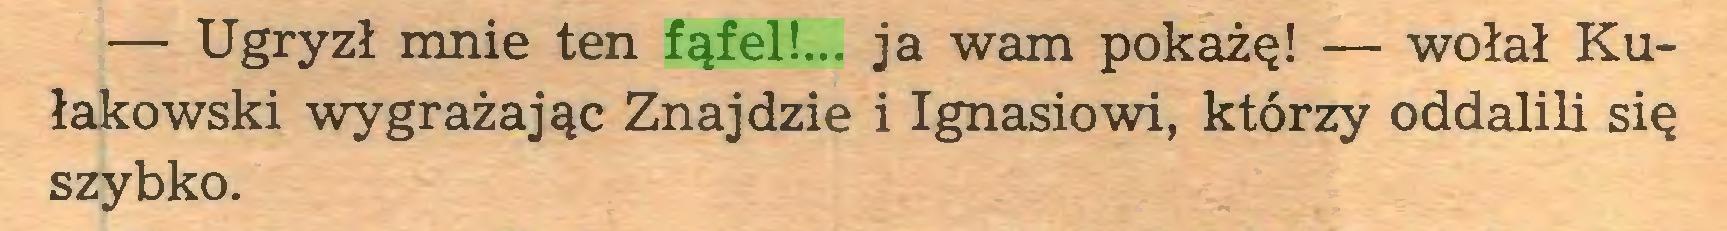 (...) — Ugryzł mnie ten fąfel!... ja wam pokażę! — wołał Kułakowski wygrażając Znajdzie i Ignasiowi, którzy oddalili się szybko...